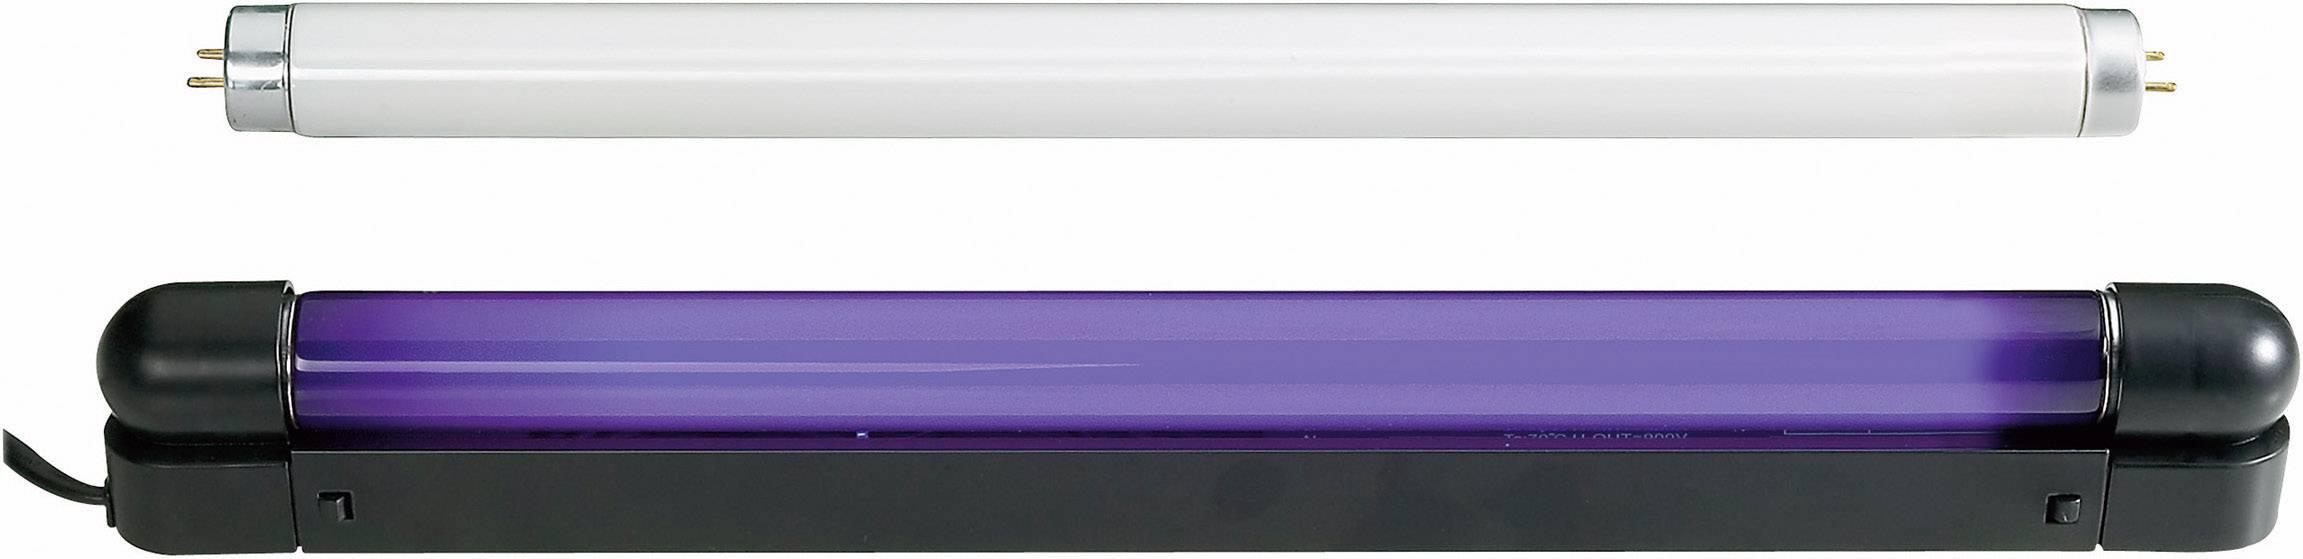 UV svietidlo so žiarivkou, sada 60cm Slim UV & weiß 51101462, 60 cm, 18 W, čierna